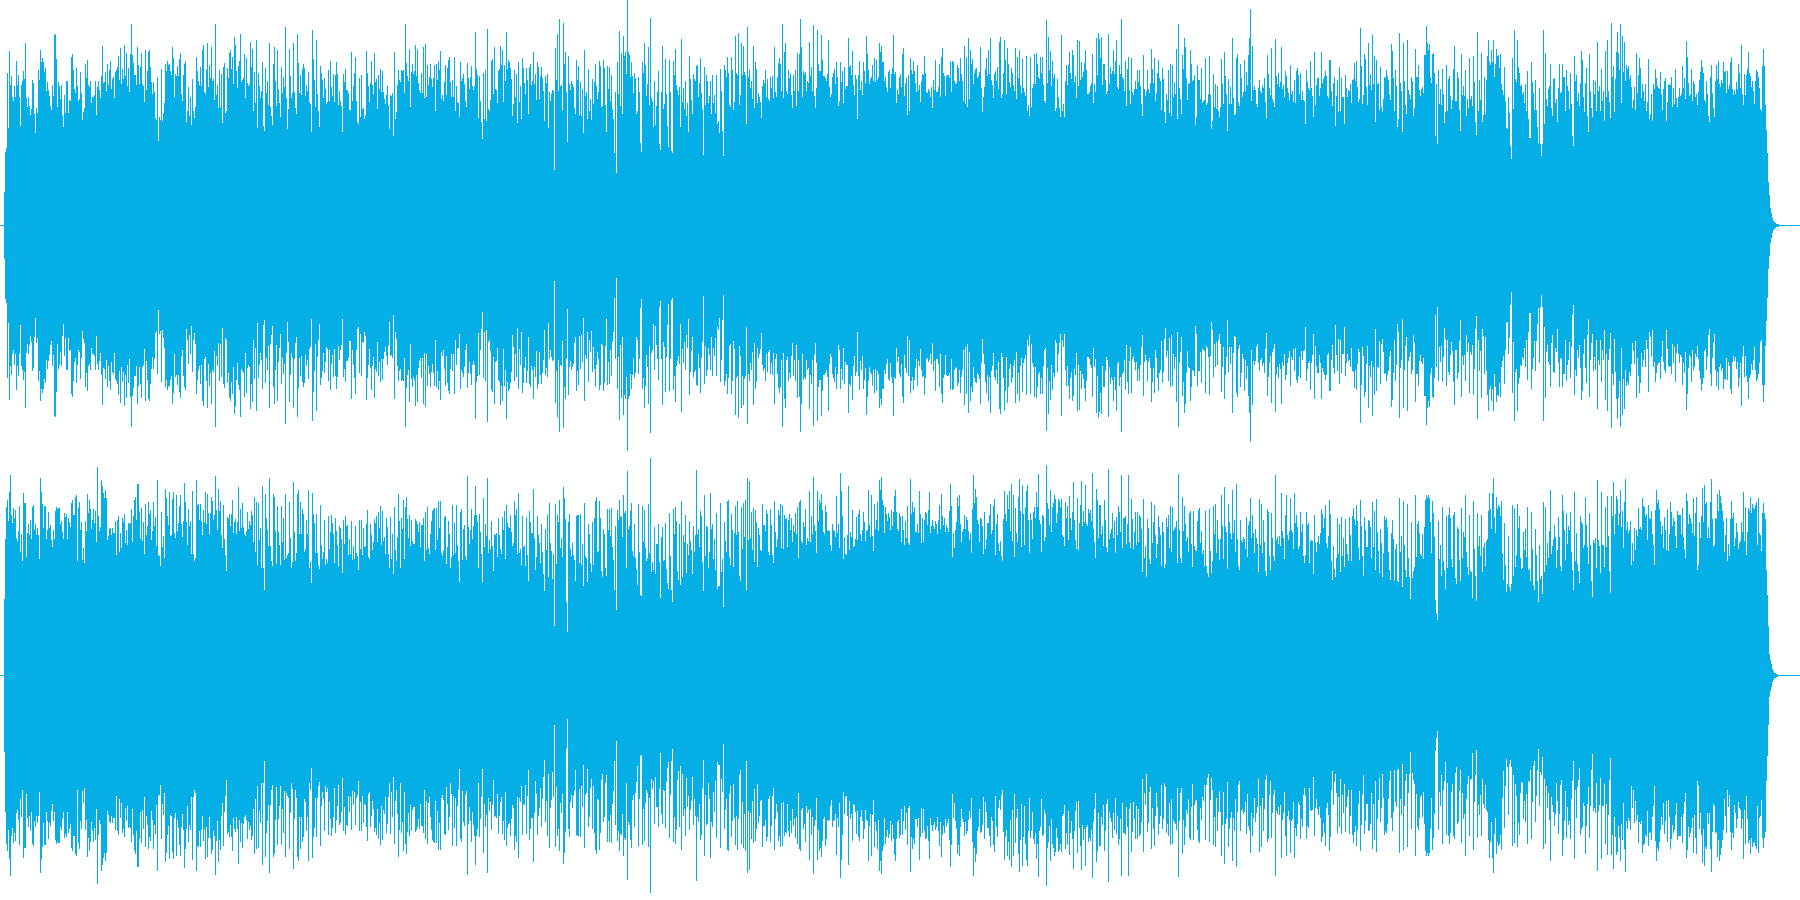 活気に満ち栄光をたたえるミュージックの再生済みの波形